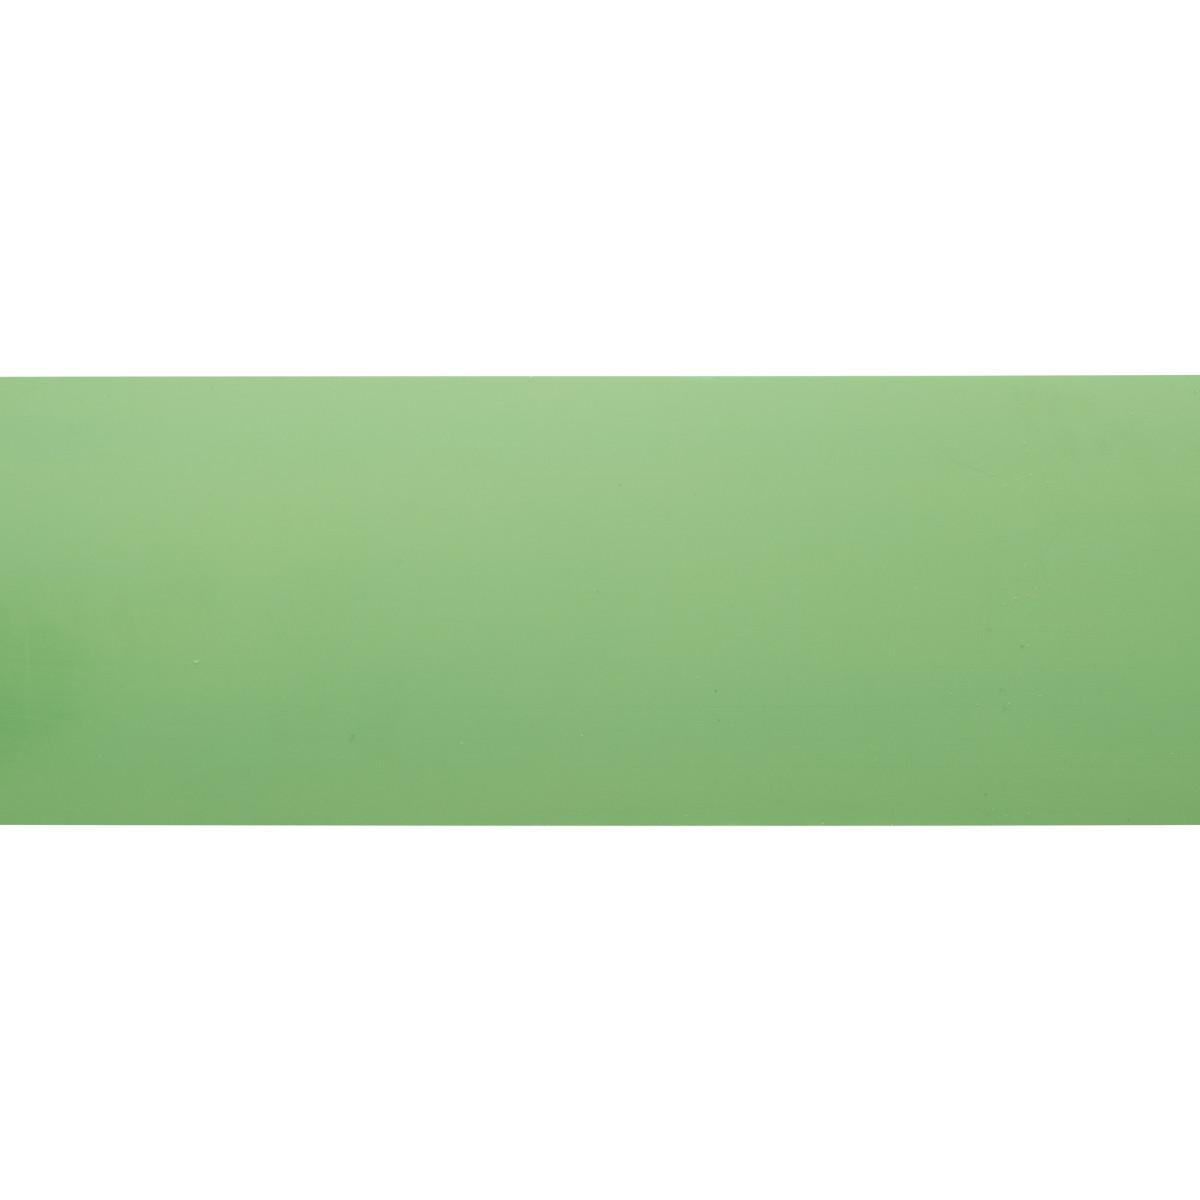 Кромка Для Столешницы Анна 300Х43 Цвет Зеленый